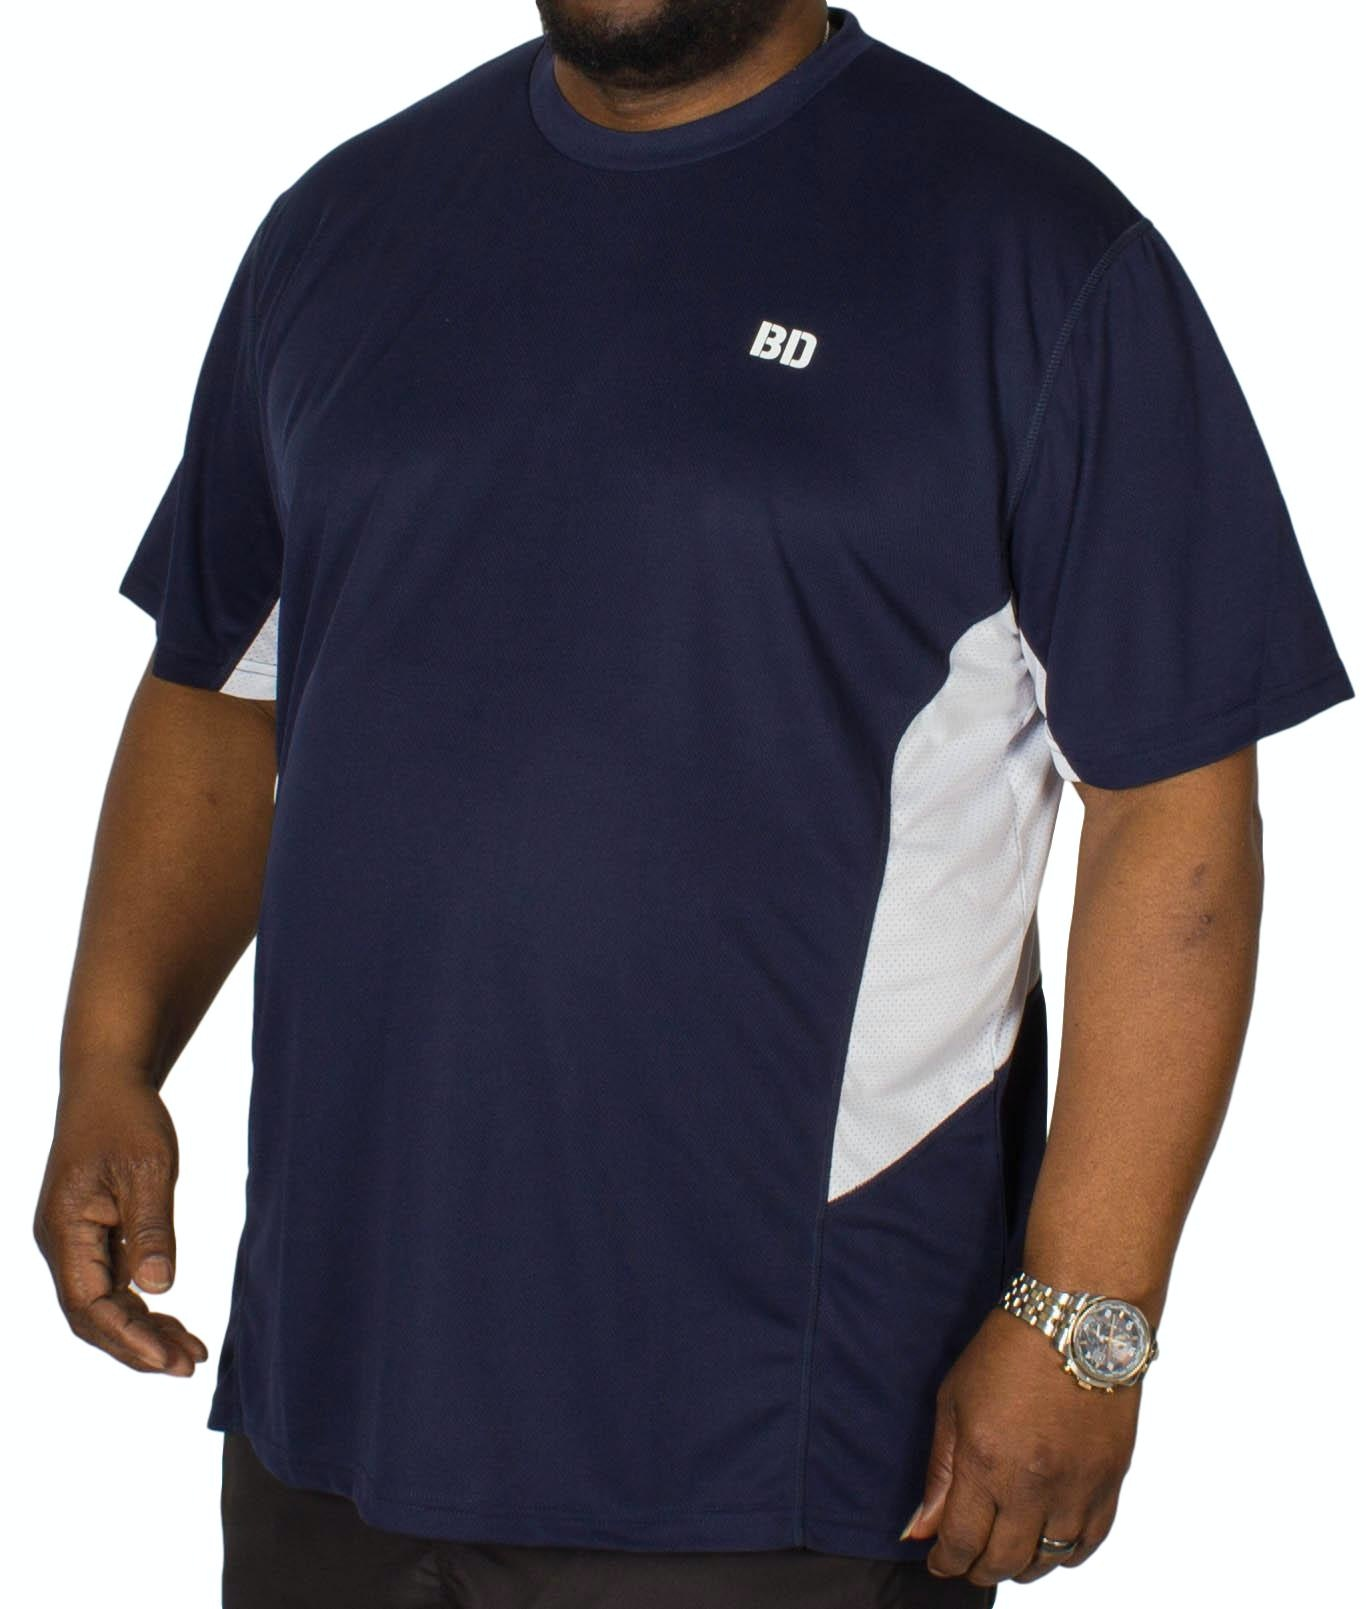 Bigdude Vented Stretch Gym T-Shirt Navy